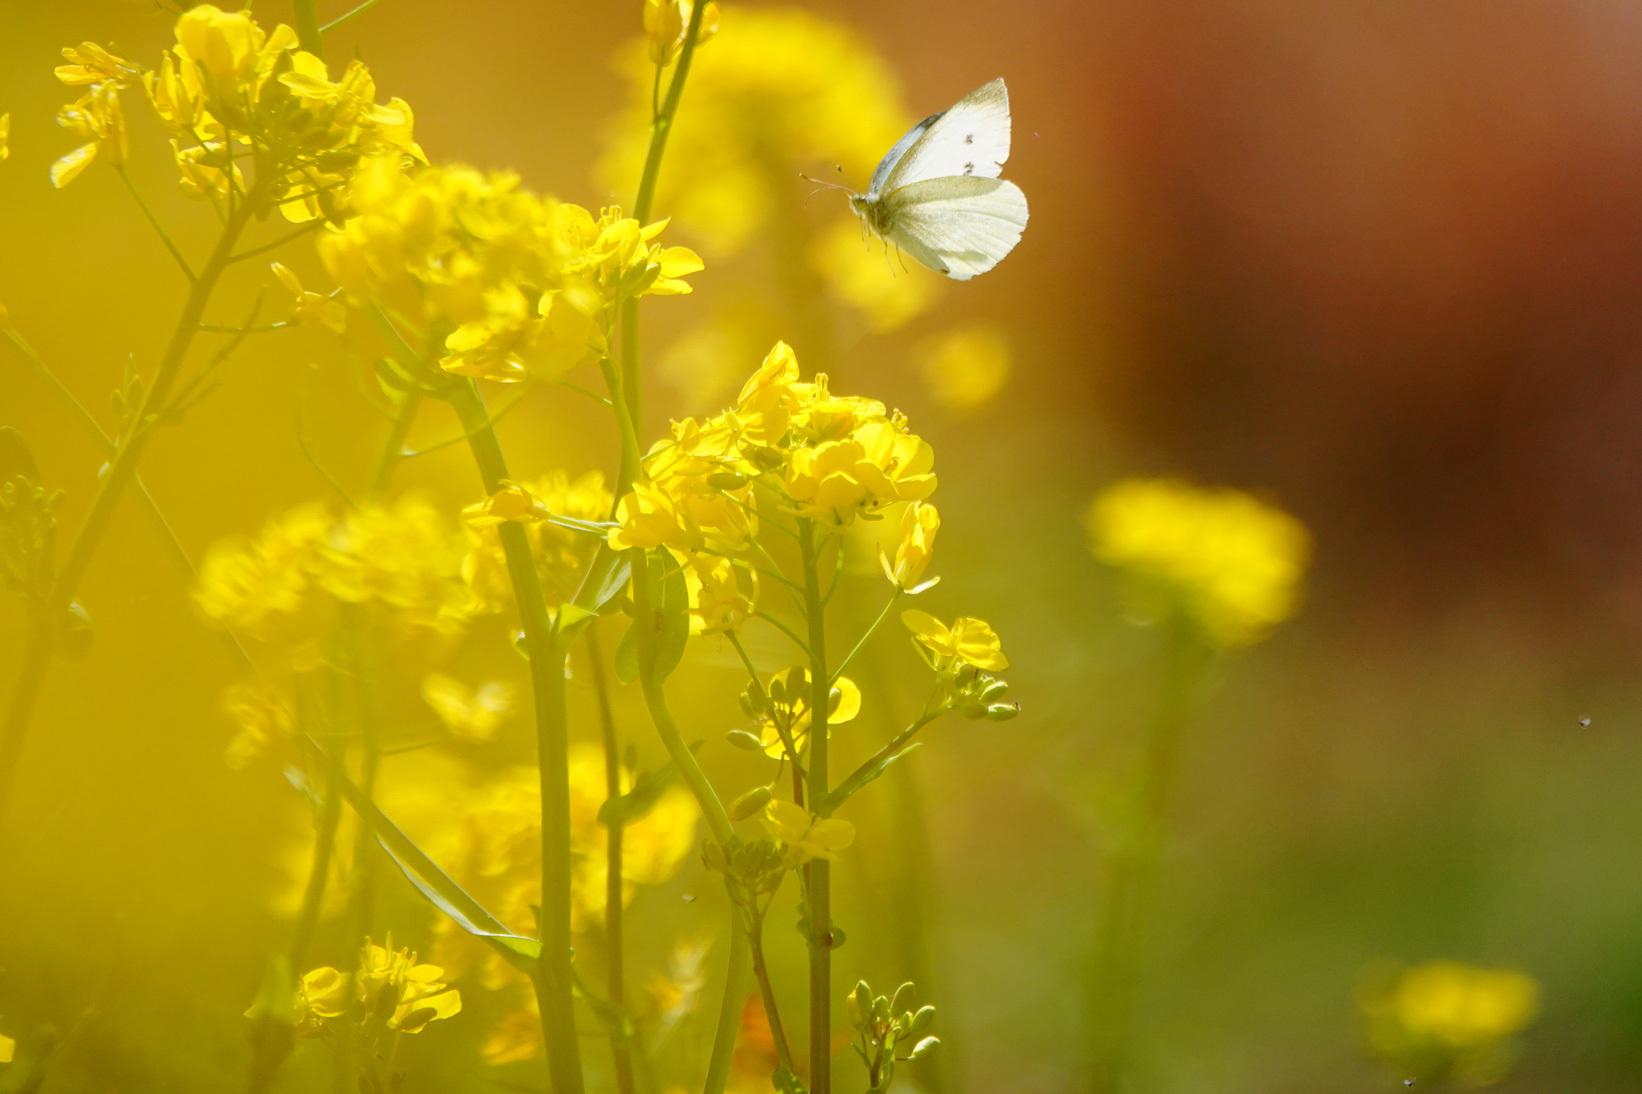 菜の花で戯れる蝶々_e0291438_12211302.jpg